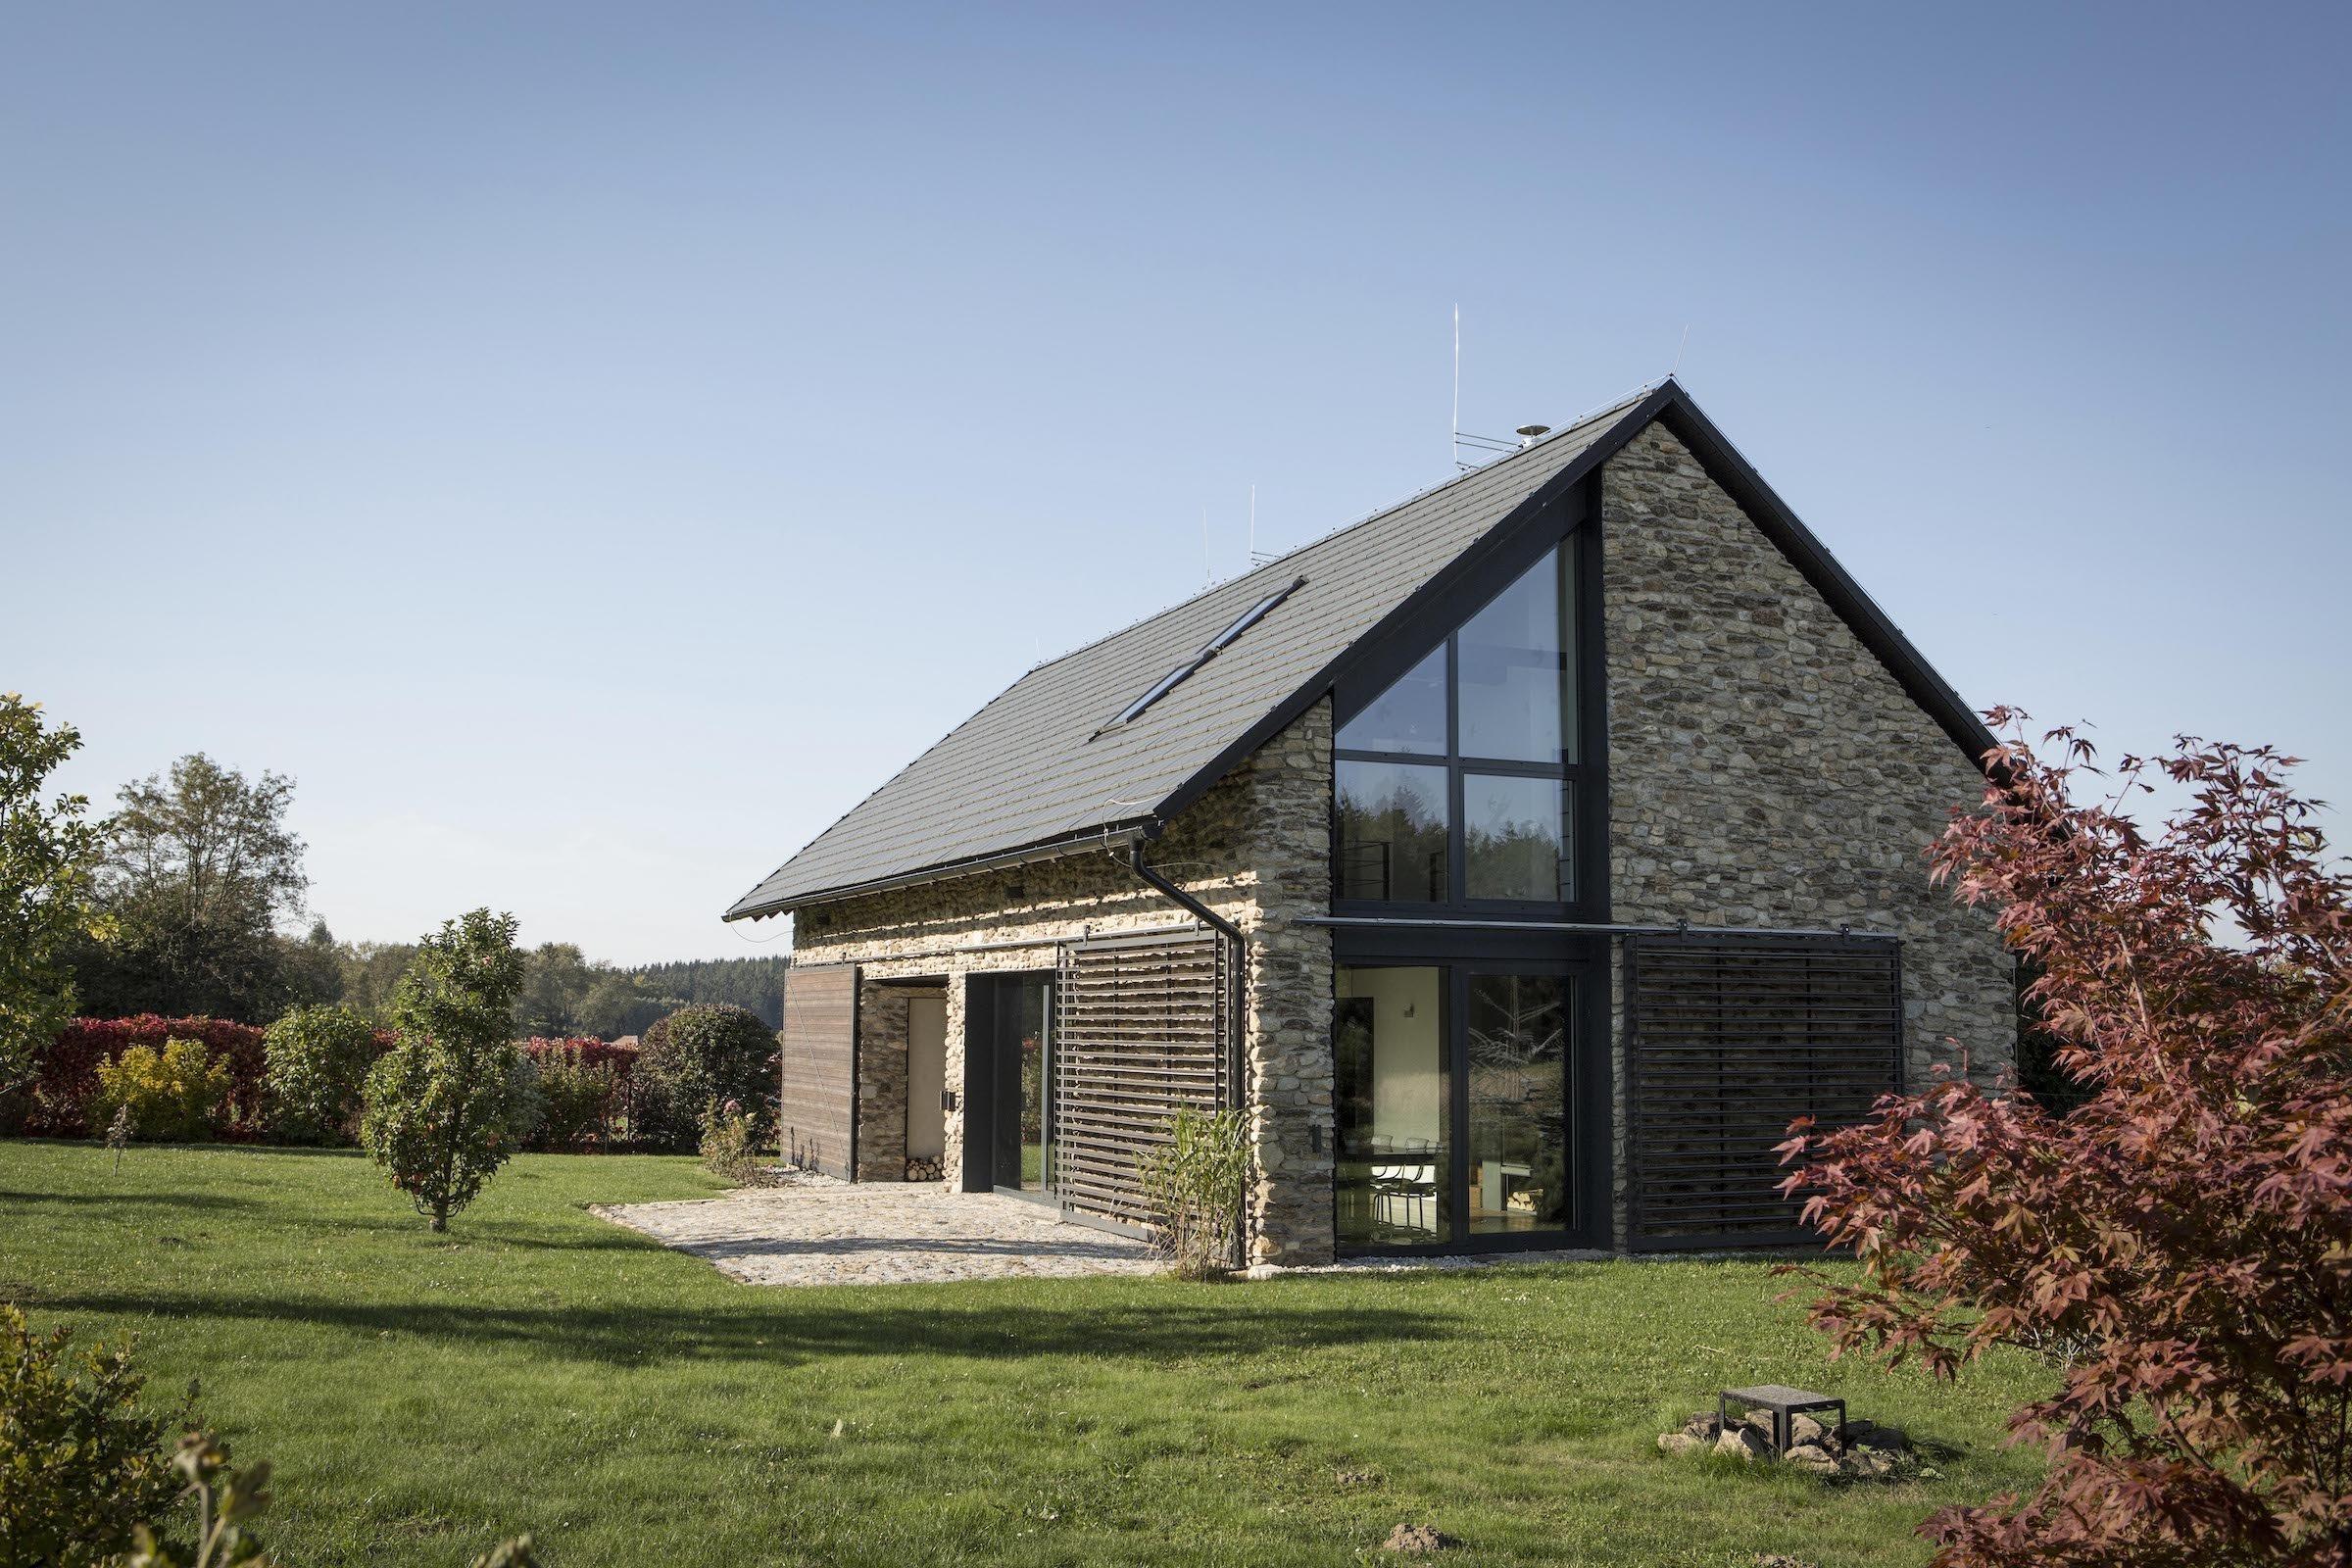 Osvědčené stavební principy a místní materiály použité na novostavbě. Víkendový dům, který dobře zapadá do venkovské krajiny Vysočiny, navrhl architekt Radek Hadrbolec.